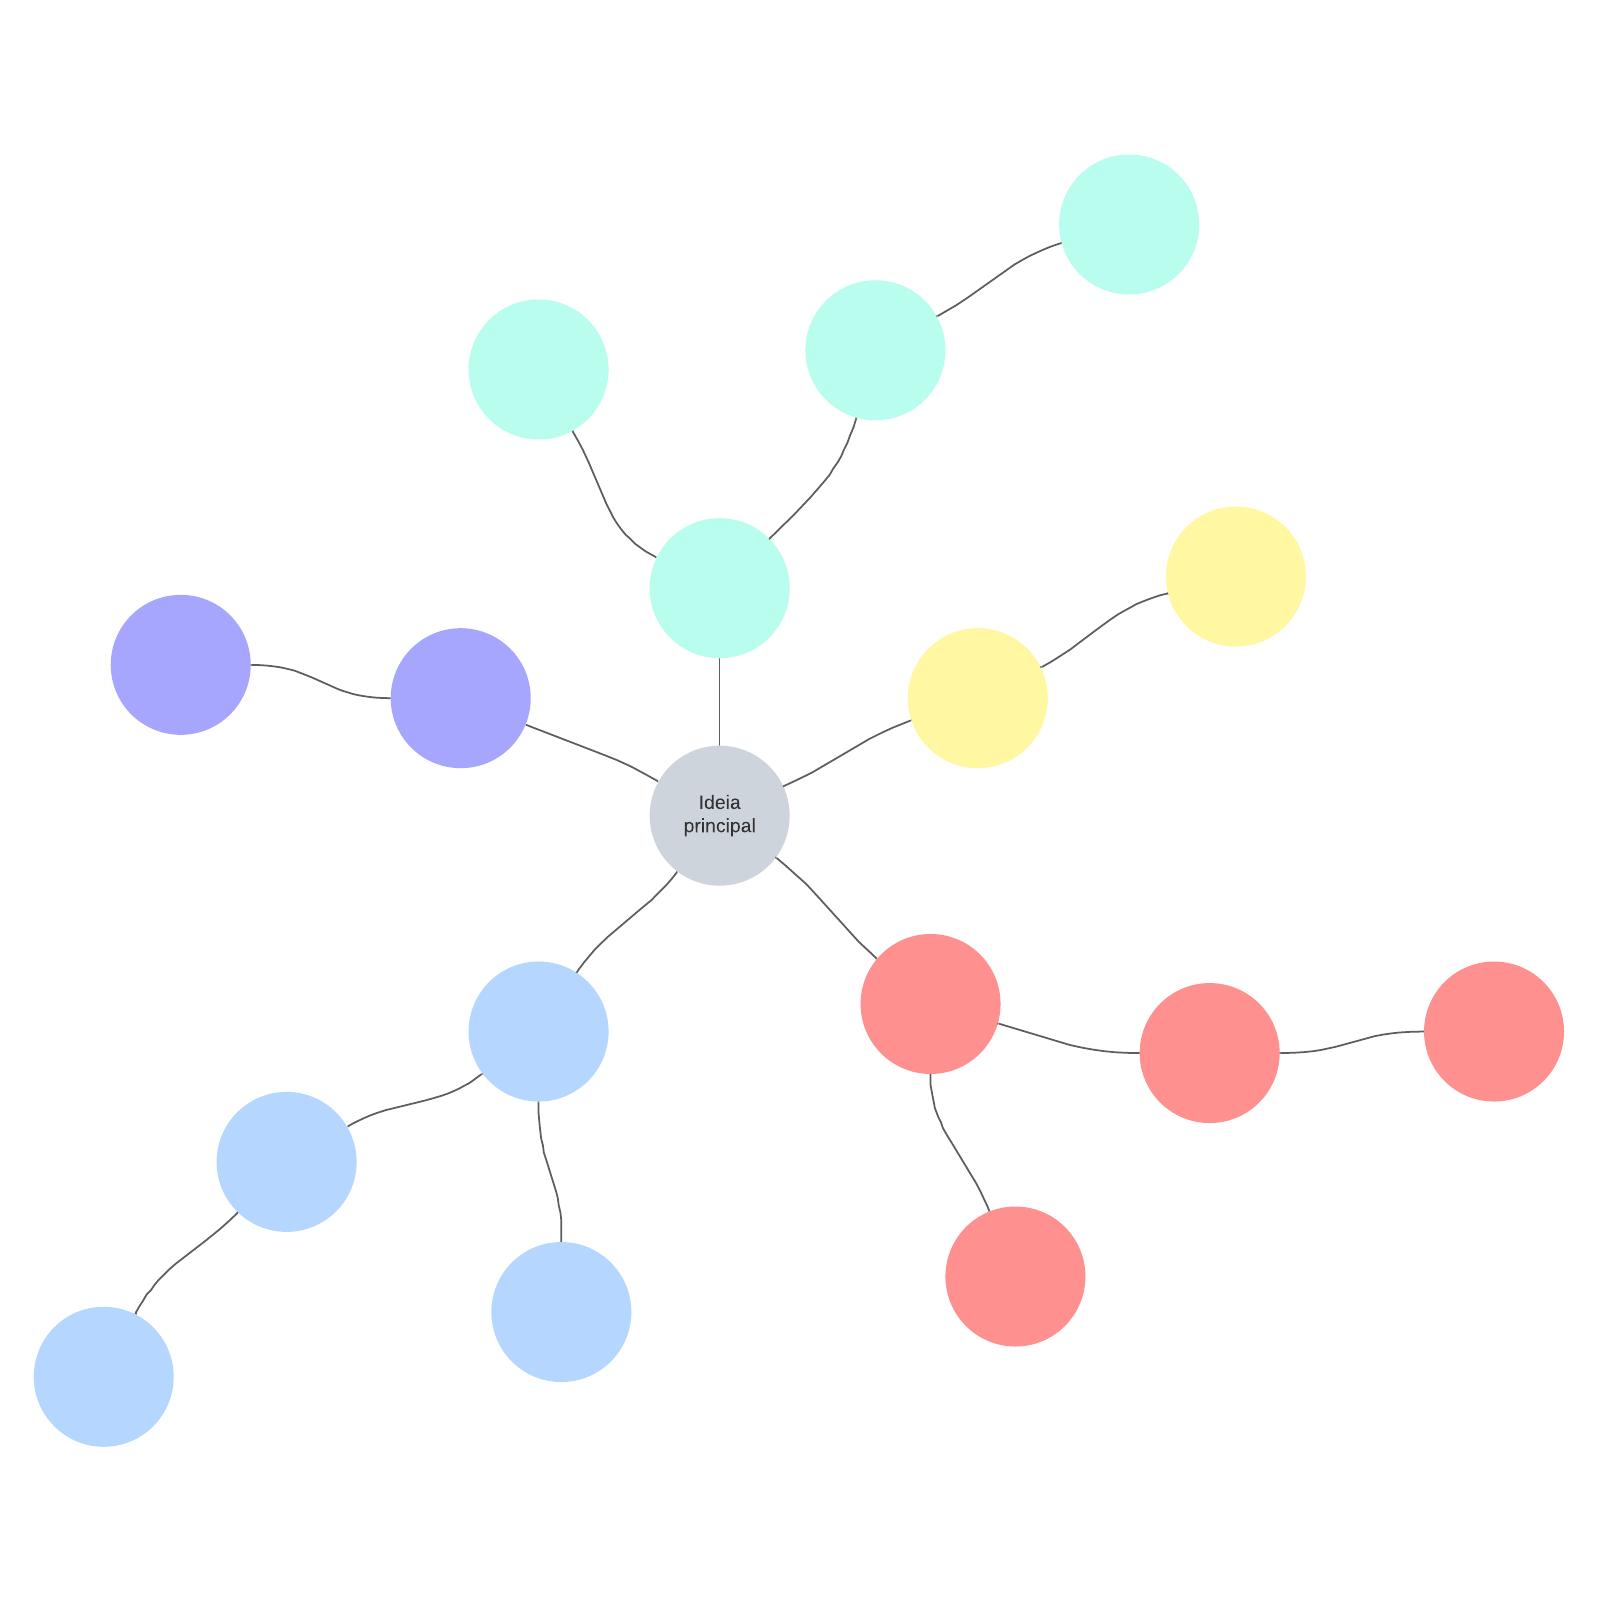 Modelo de mapa mental